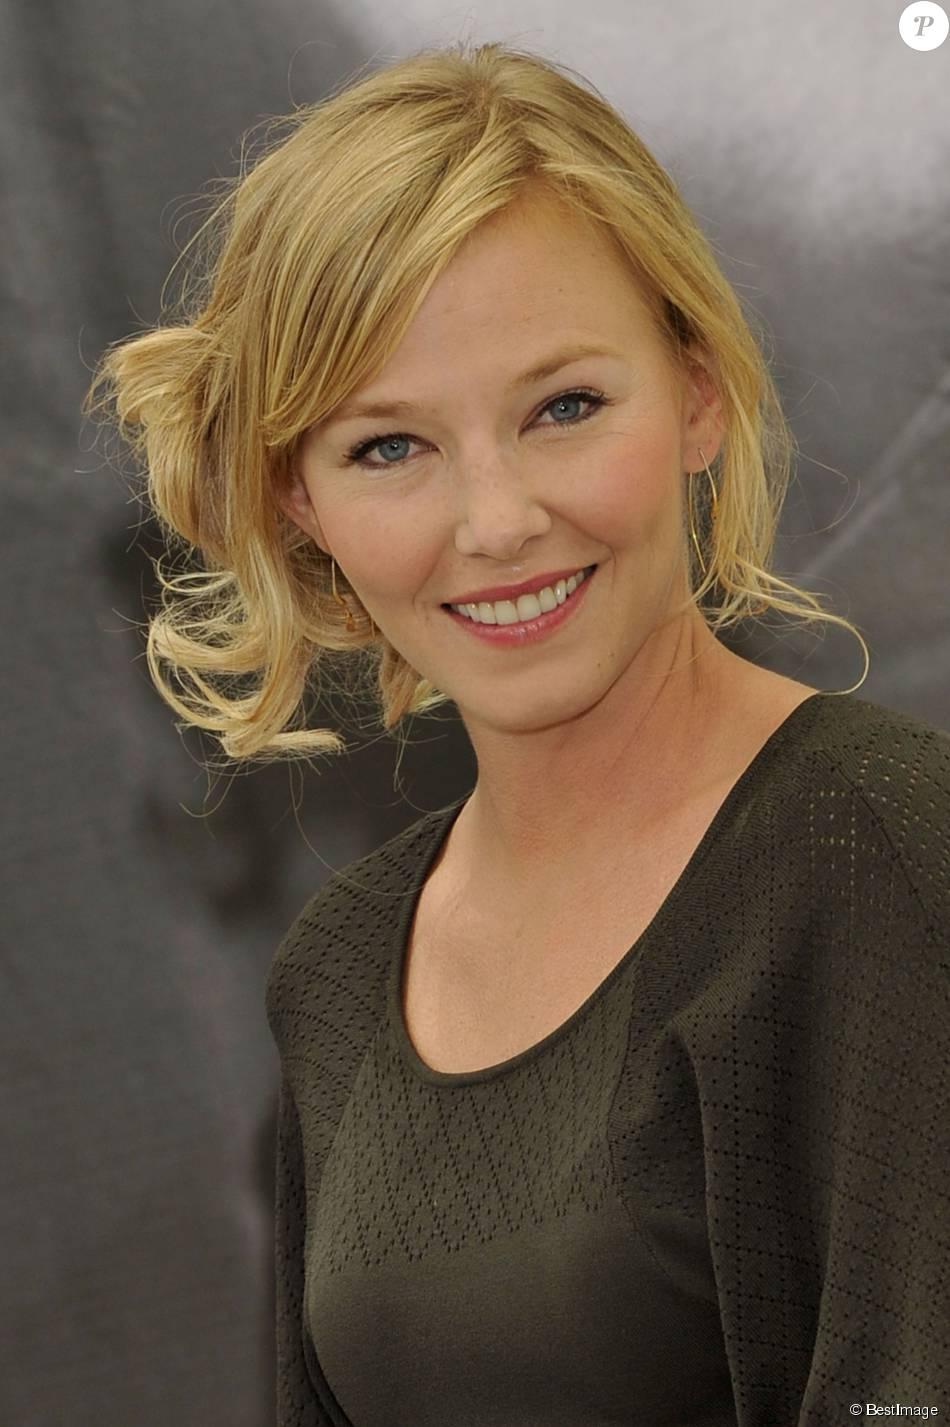 Kelli Gidish de  New York : Unité Spéciale  lors du 52e Festival de la télévision de Monte-Carlo en juin 2012. Mariée le 20 juin 2015, l'actrice est enceinte de son premier enfant.